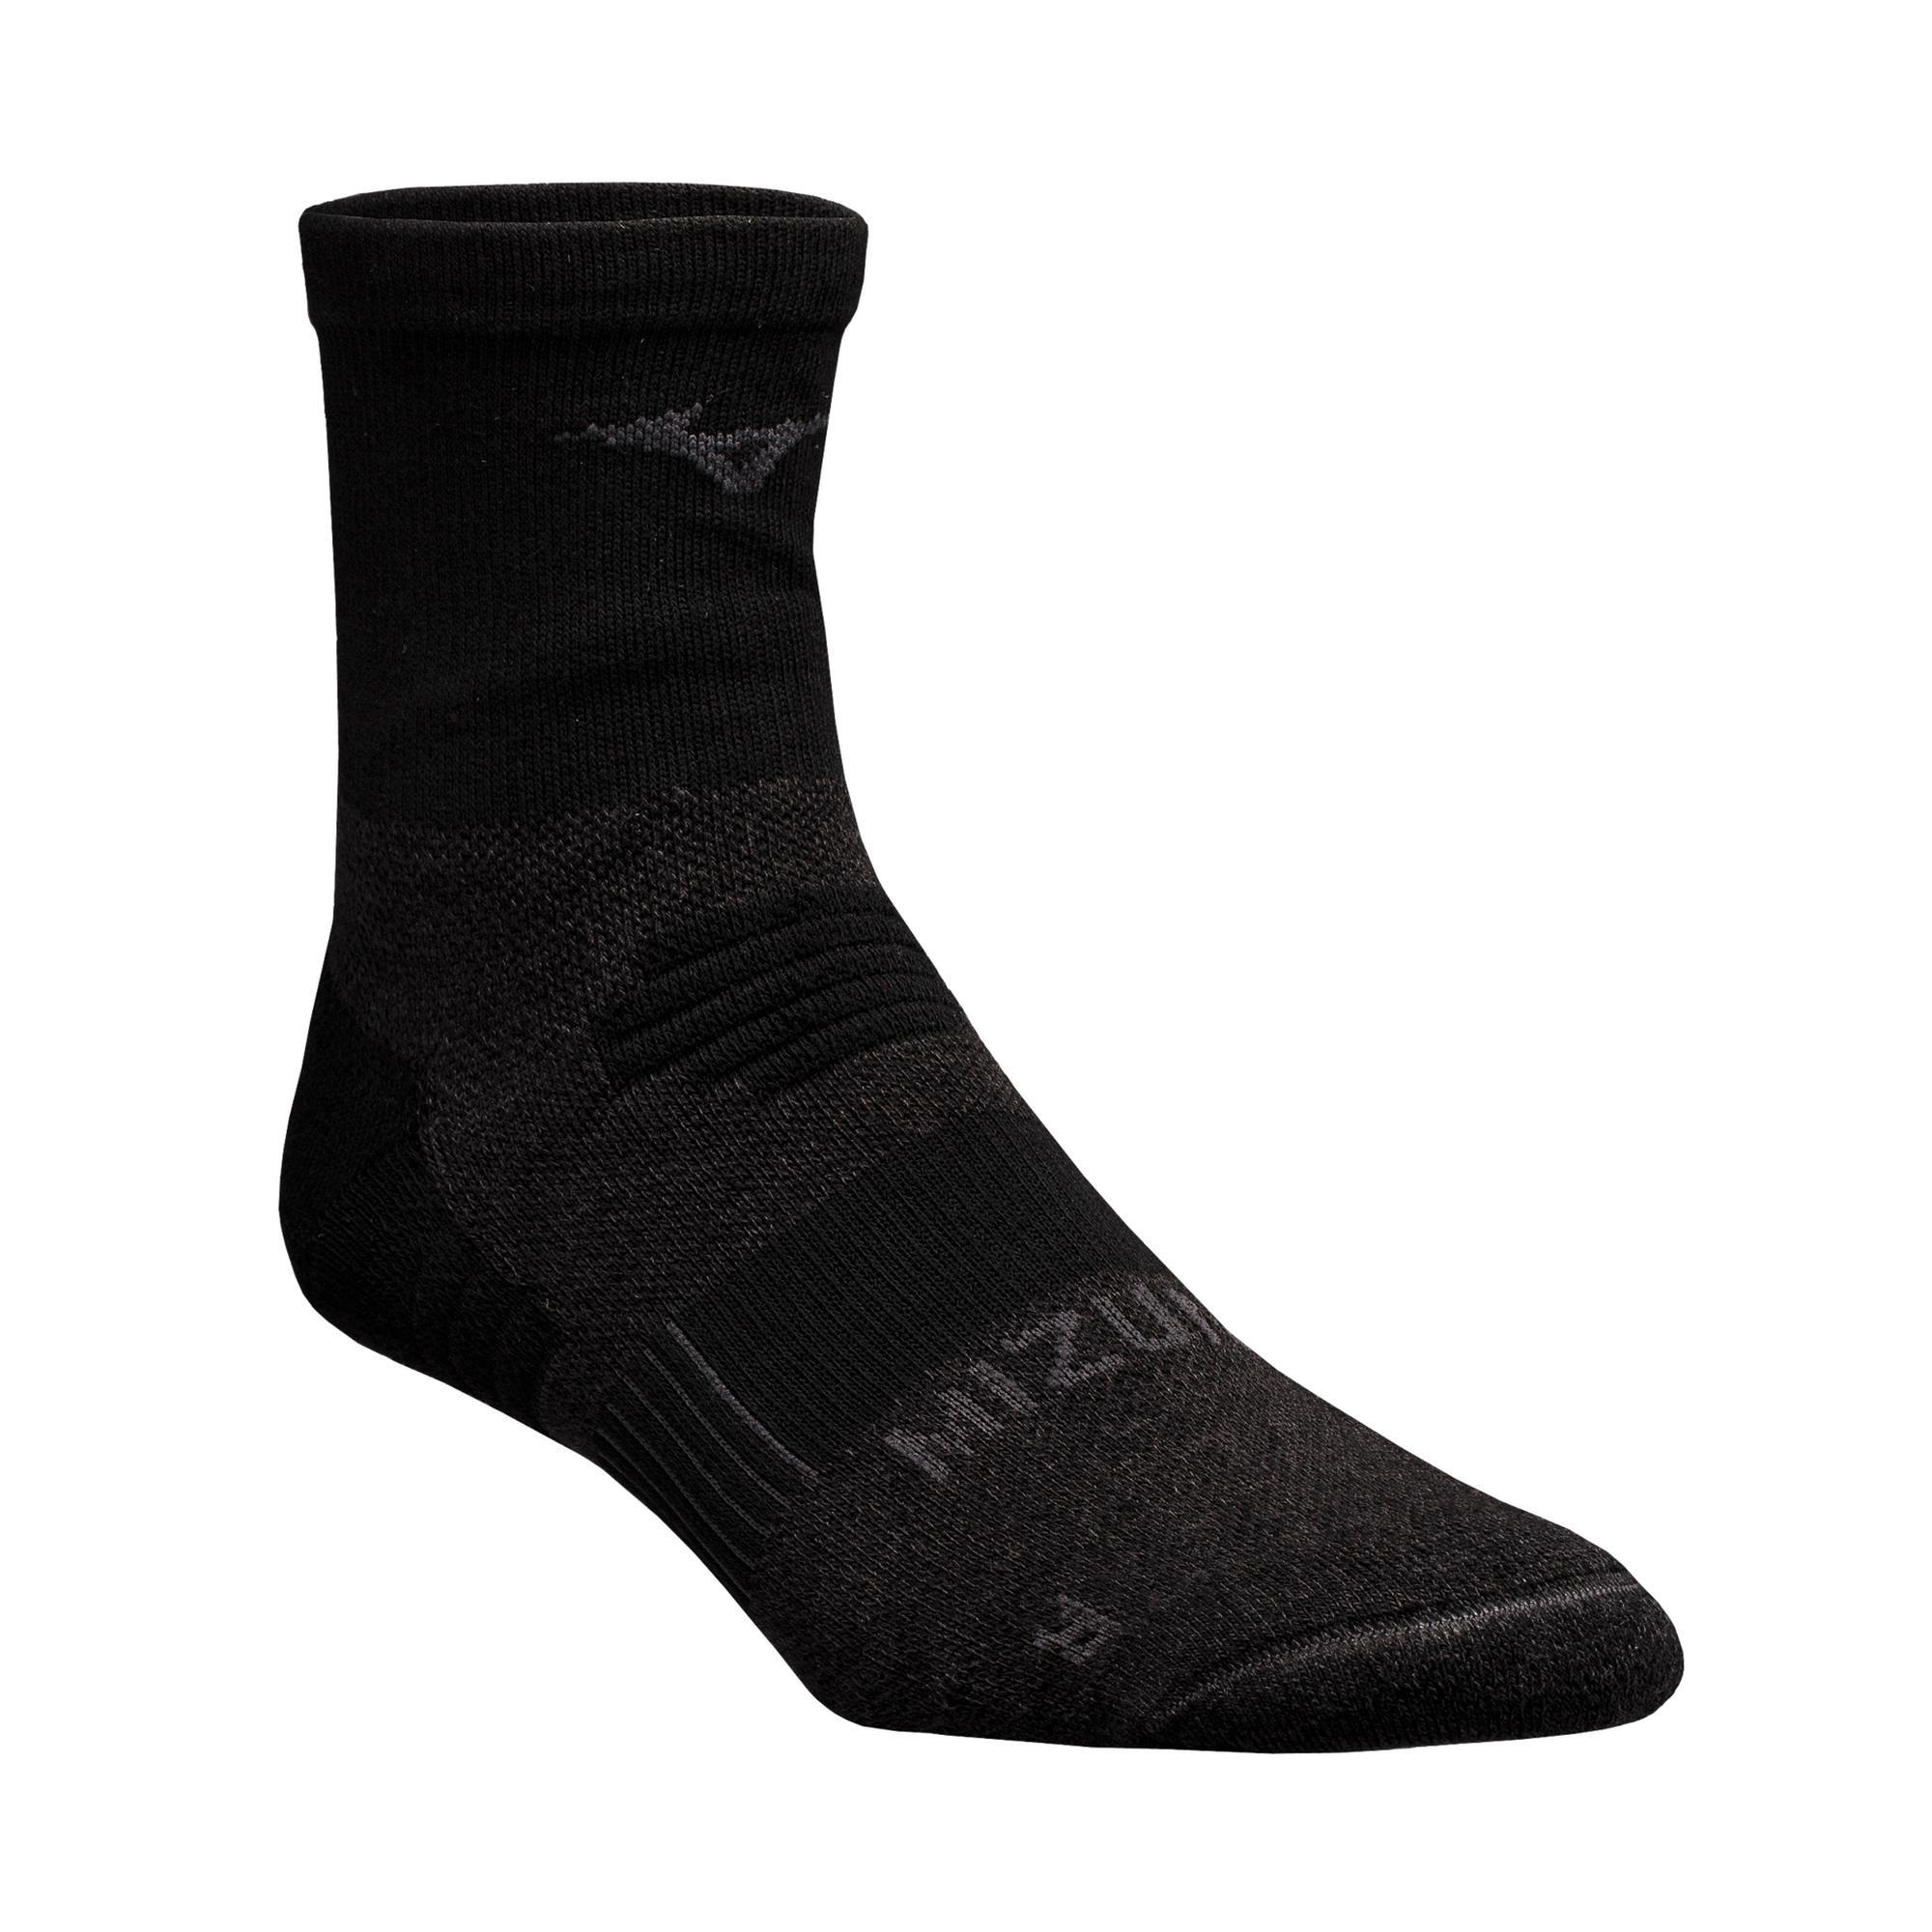 Mizuno Mizuno Breath Thermo Racer Mid Socks, Black